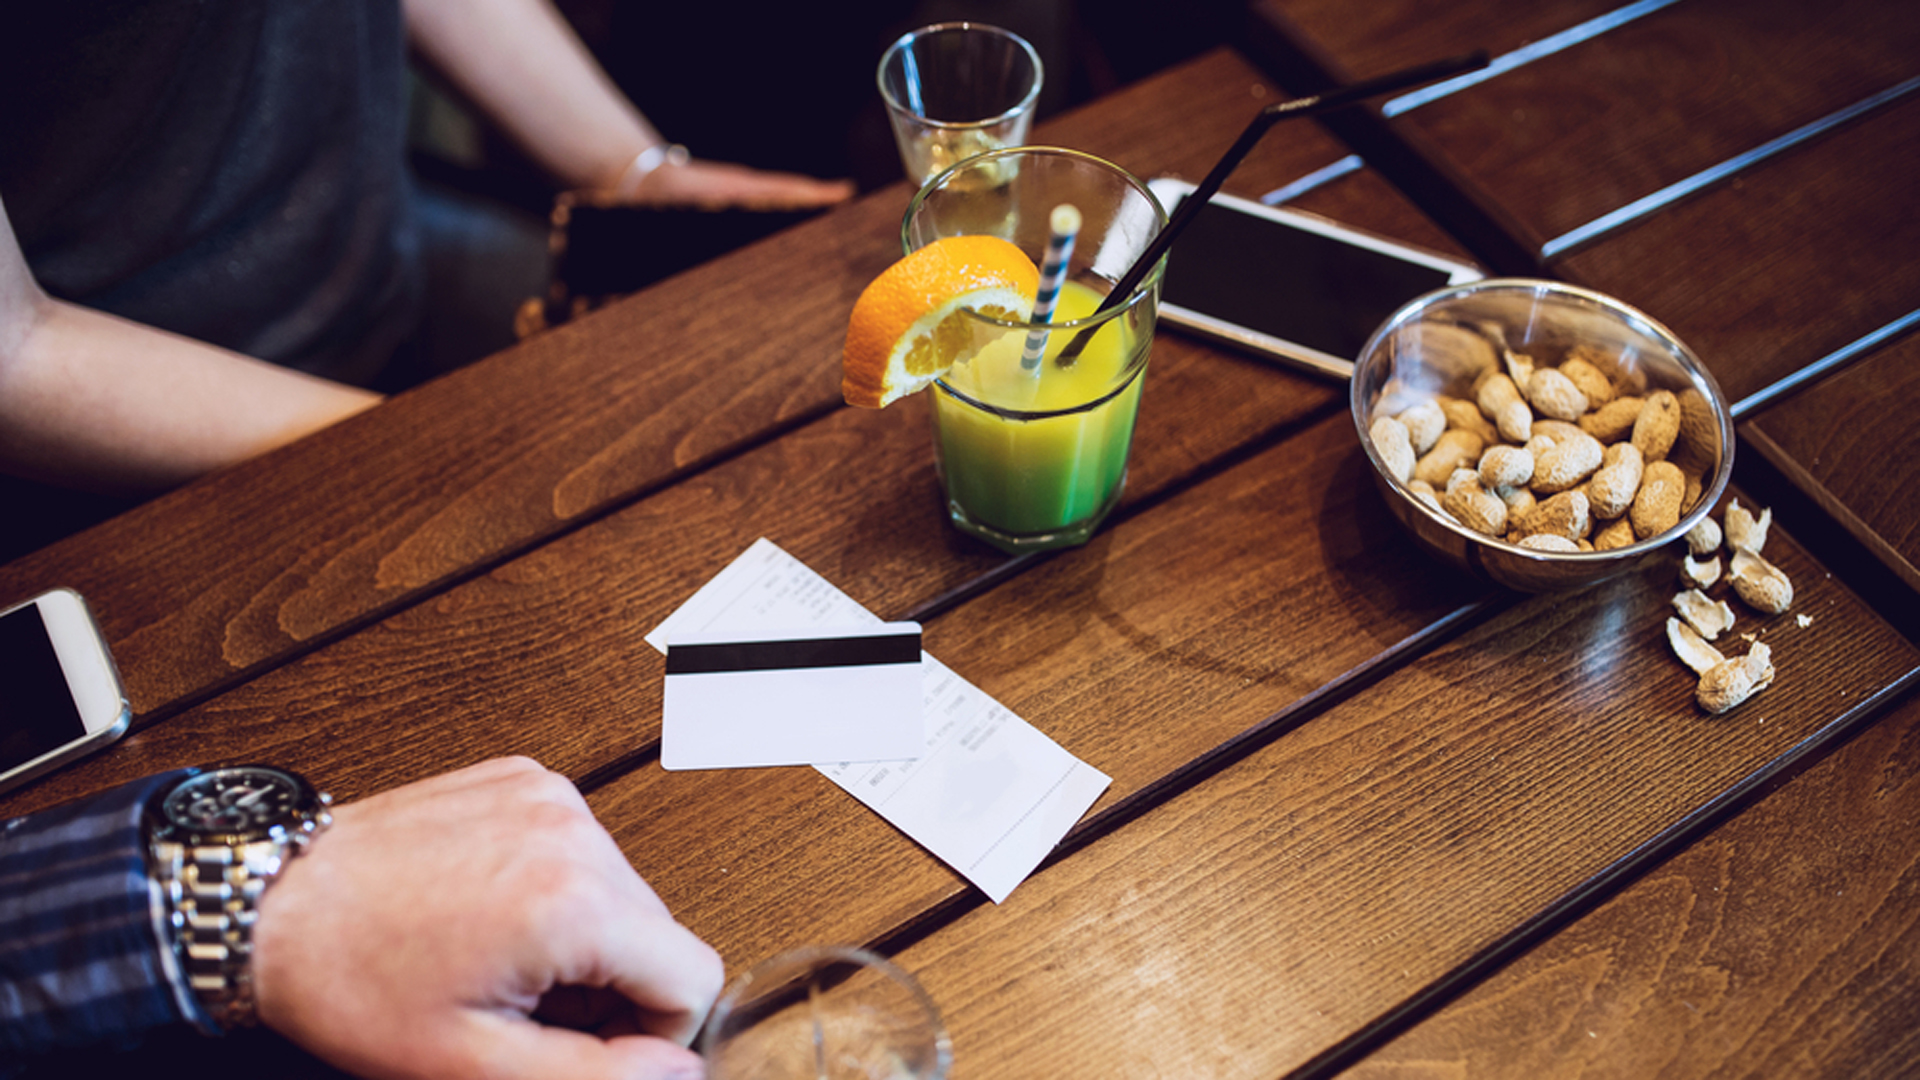 Algunos locales gastronómicos ponen un cargo extra para aquellos comensales que consuman una entrada y compartan entre ambos el plato principal (Shutterstock)